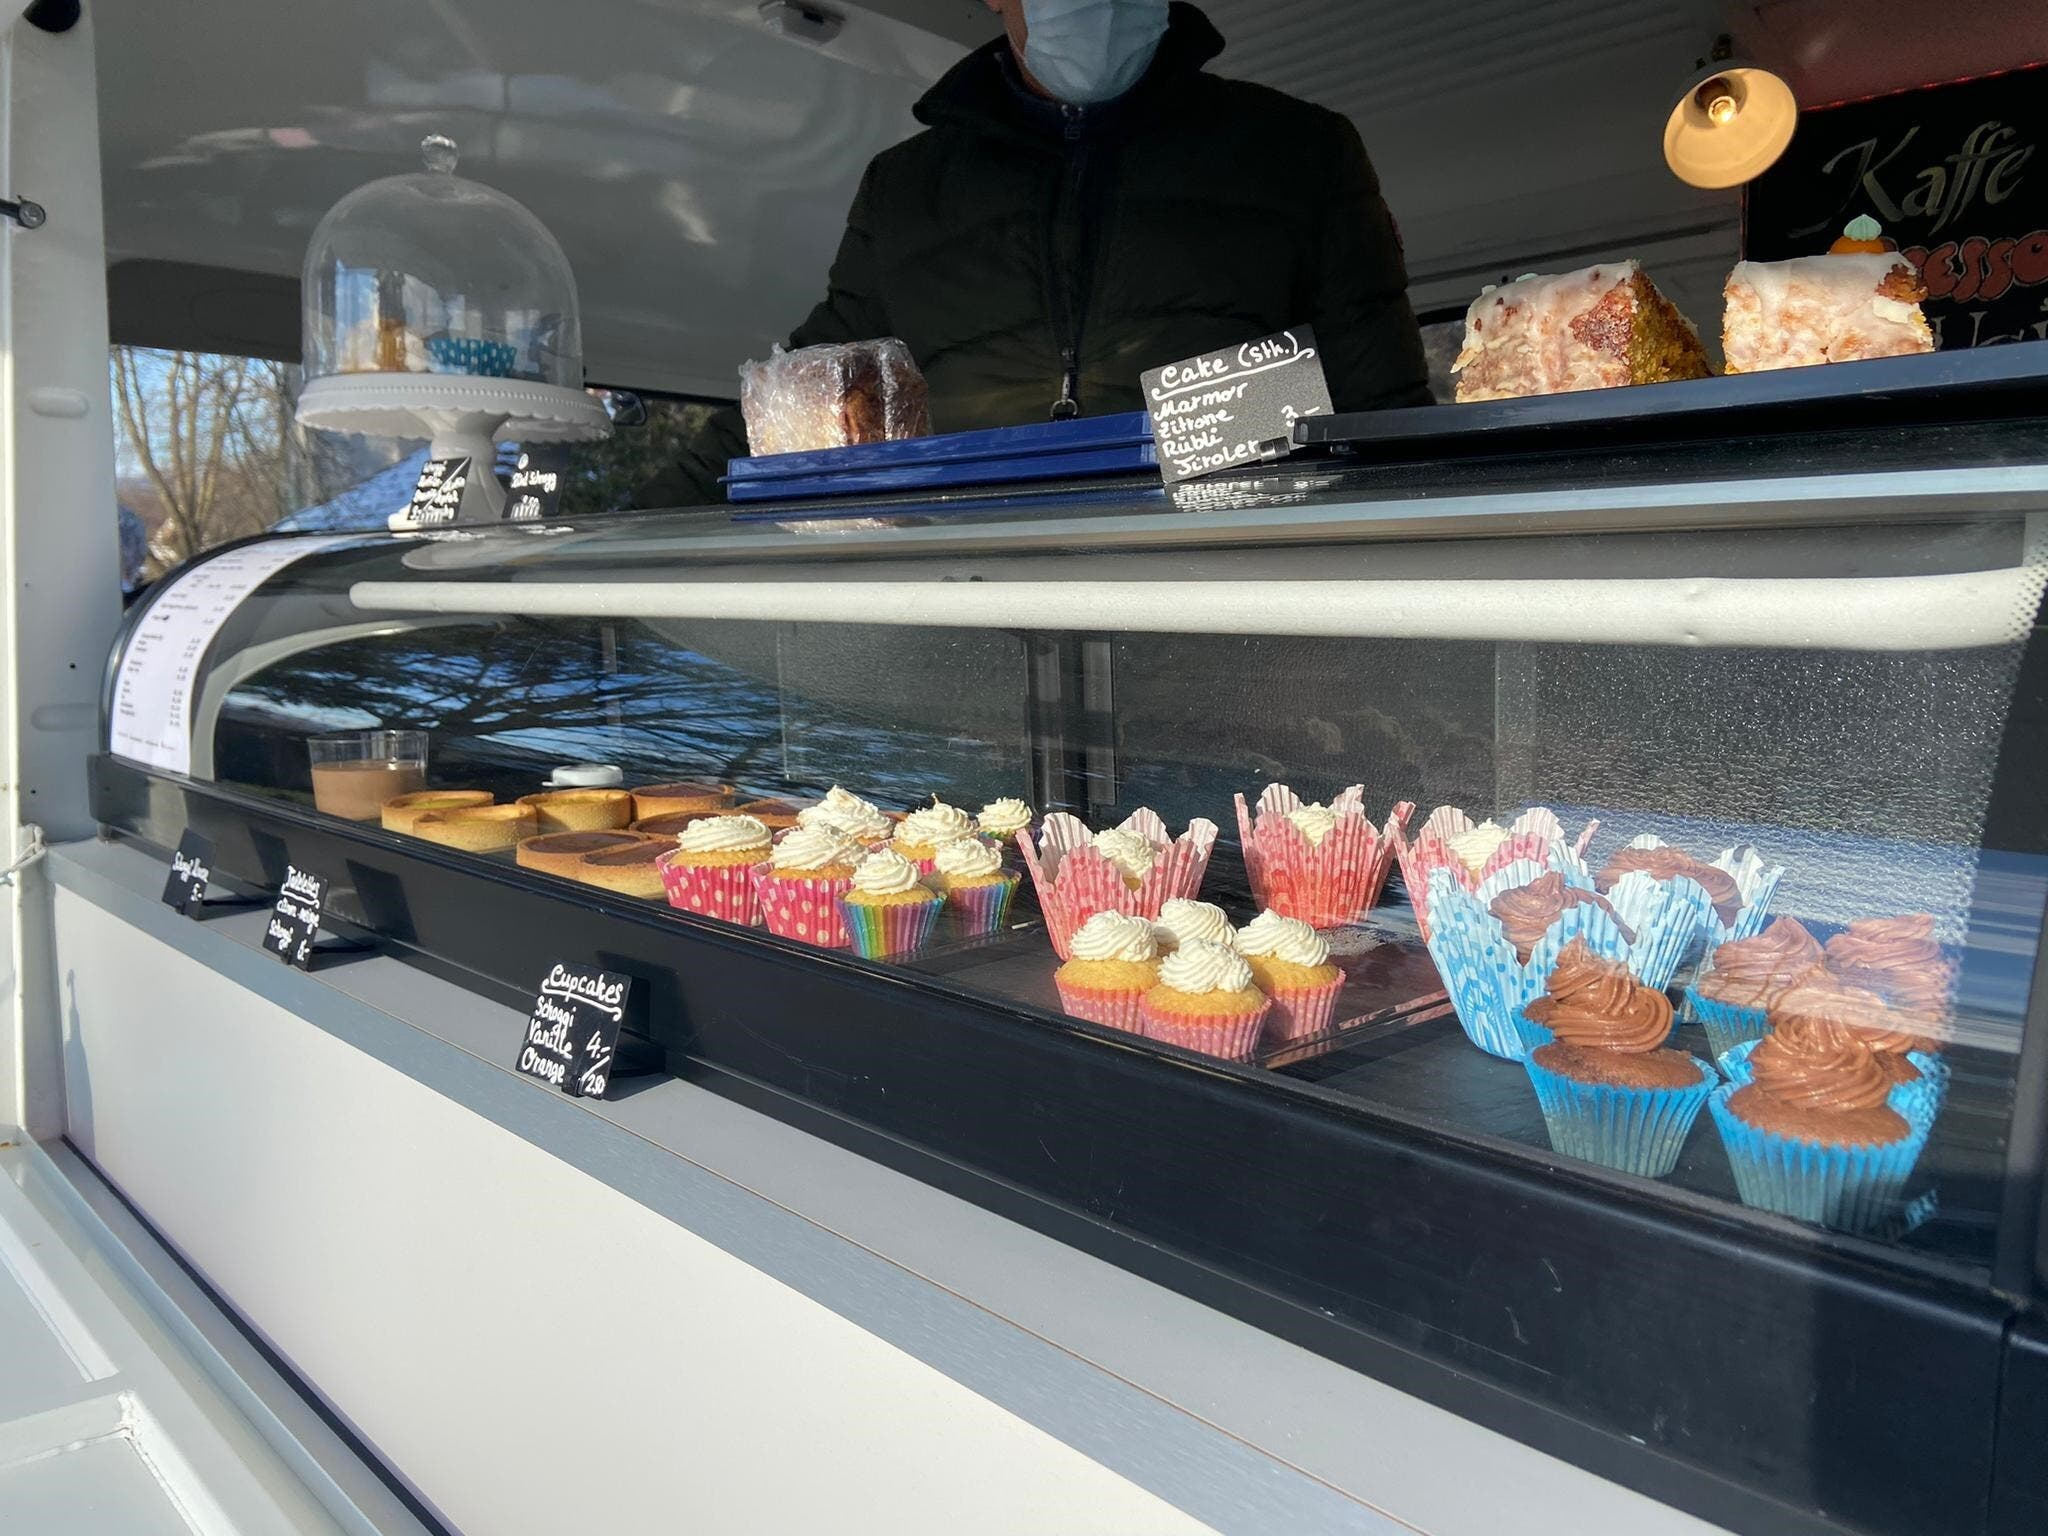 Darin bieten Patrick und Myriam Feuz nun Kaffee, Kuchen und Cupcakes an.